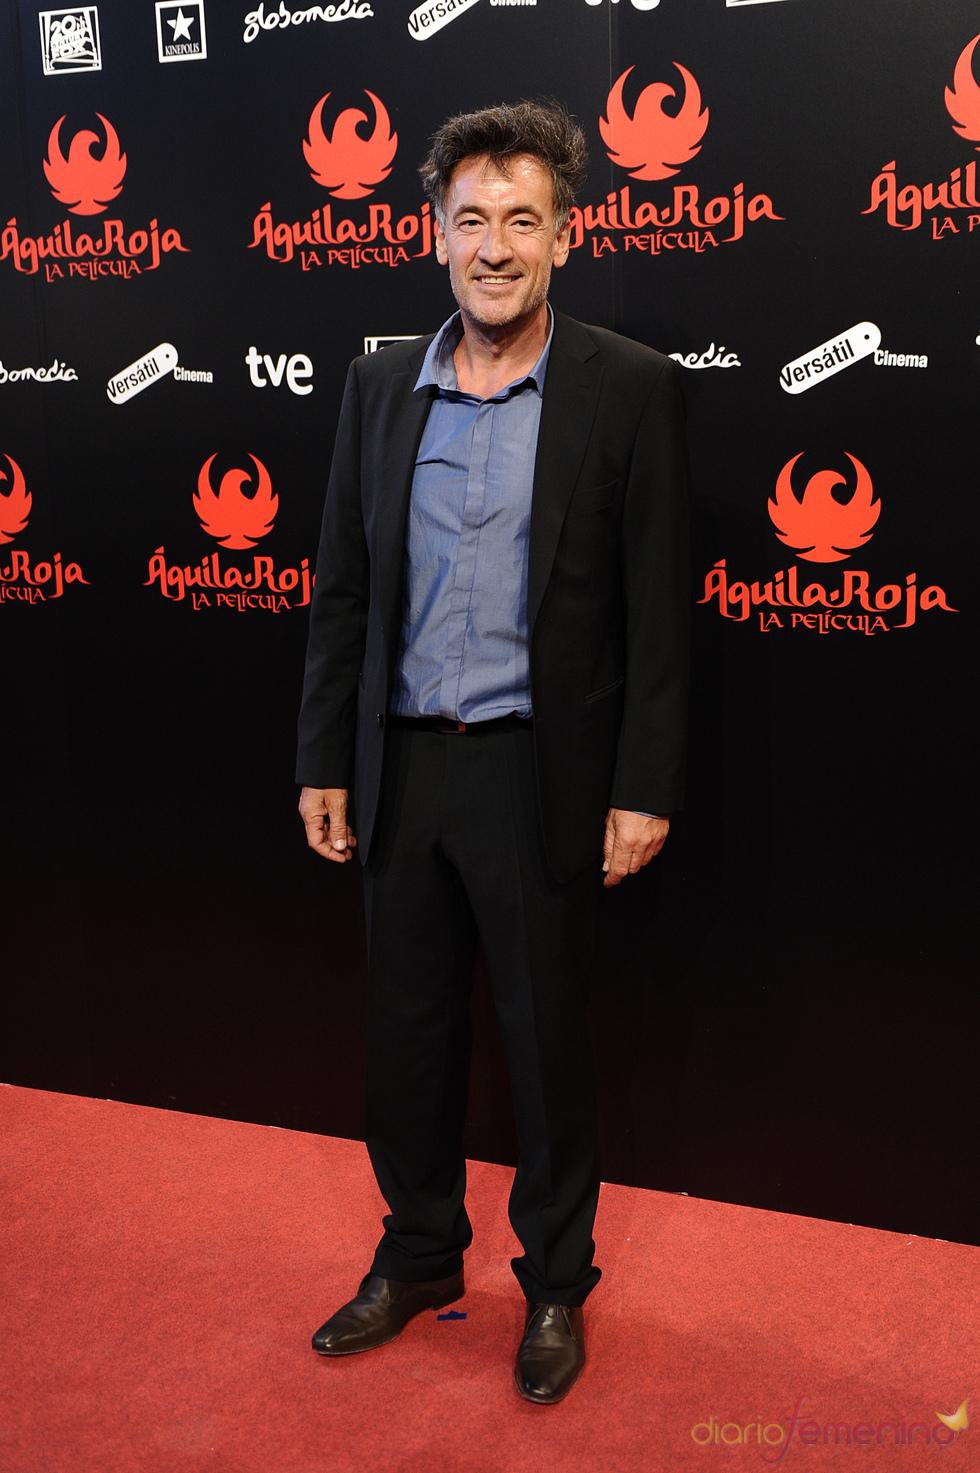 Francis Lorenzo en la premiere en Madrid de 'Águila Roja'